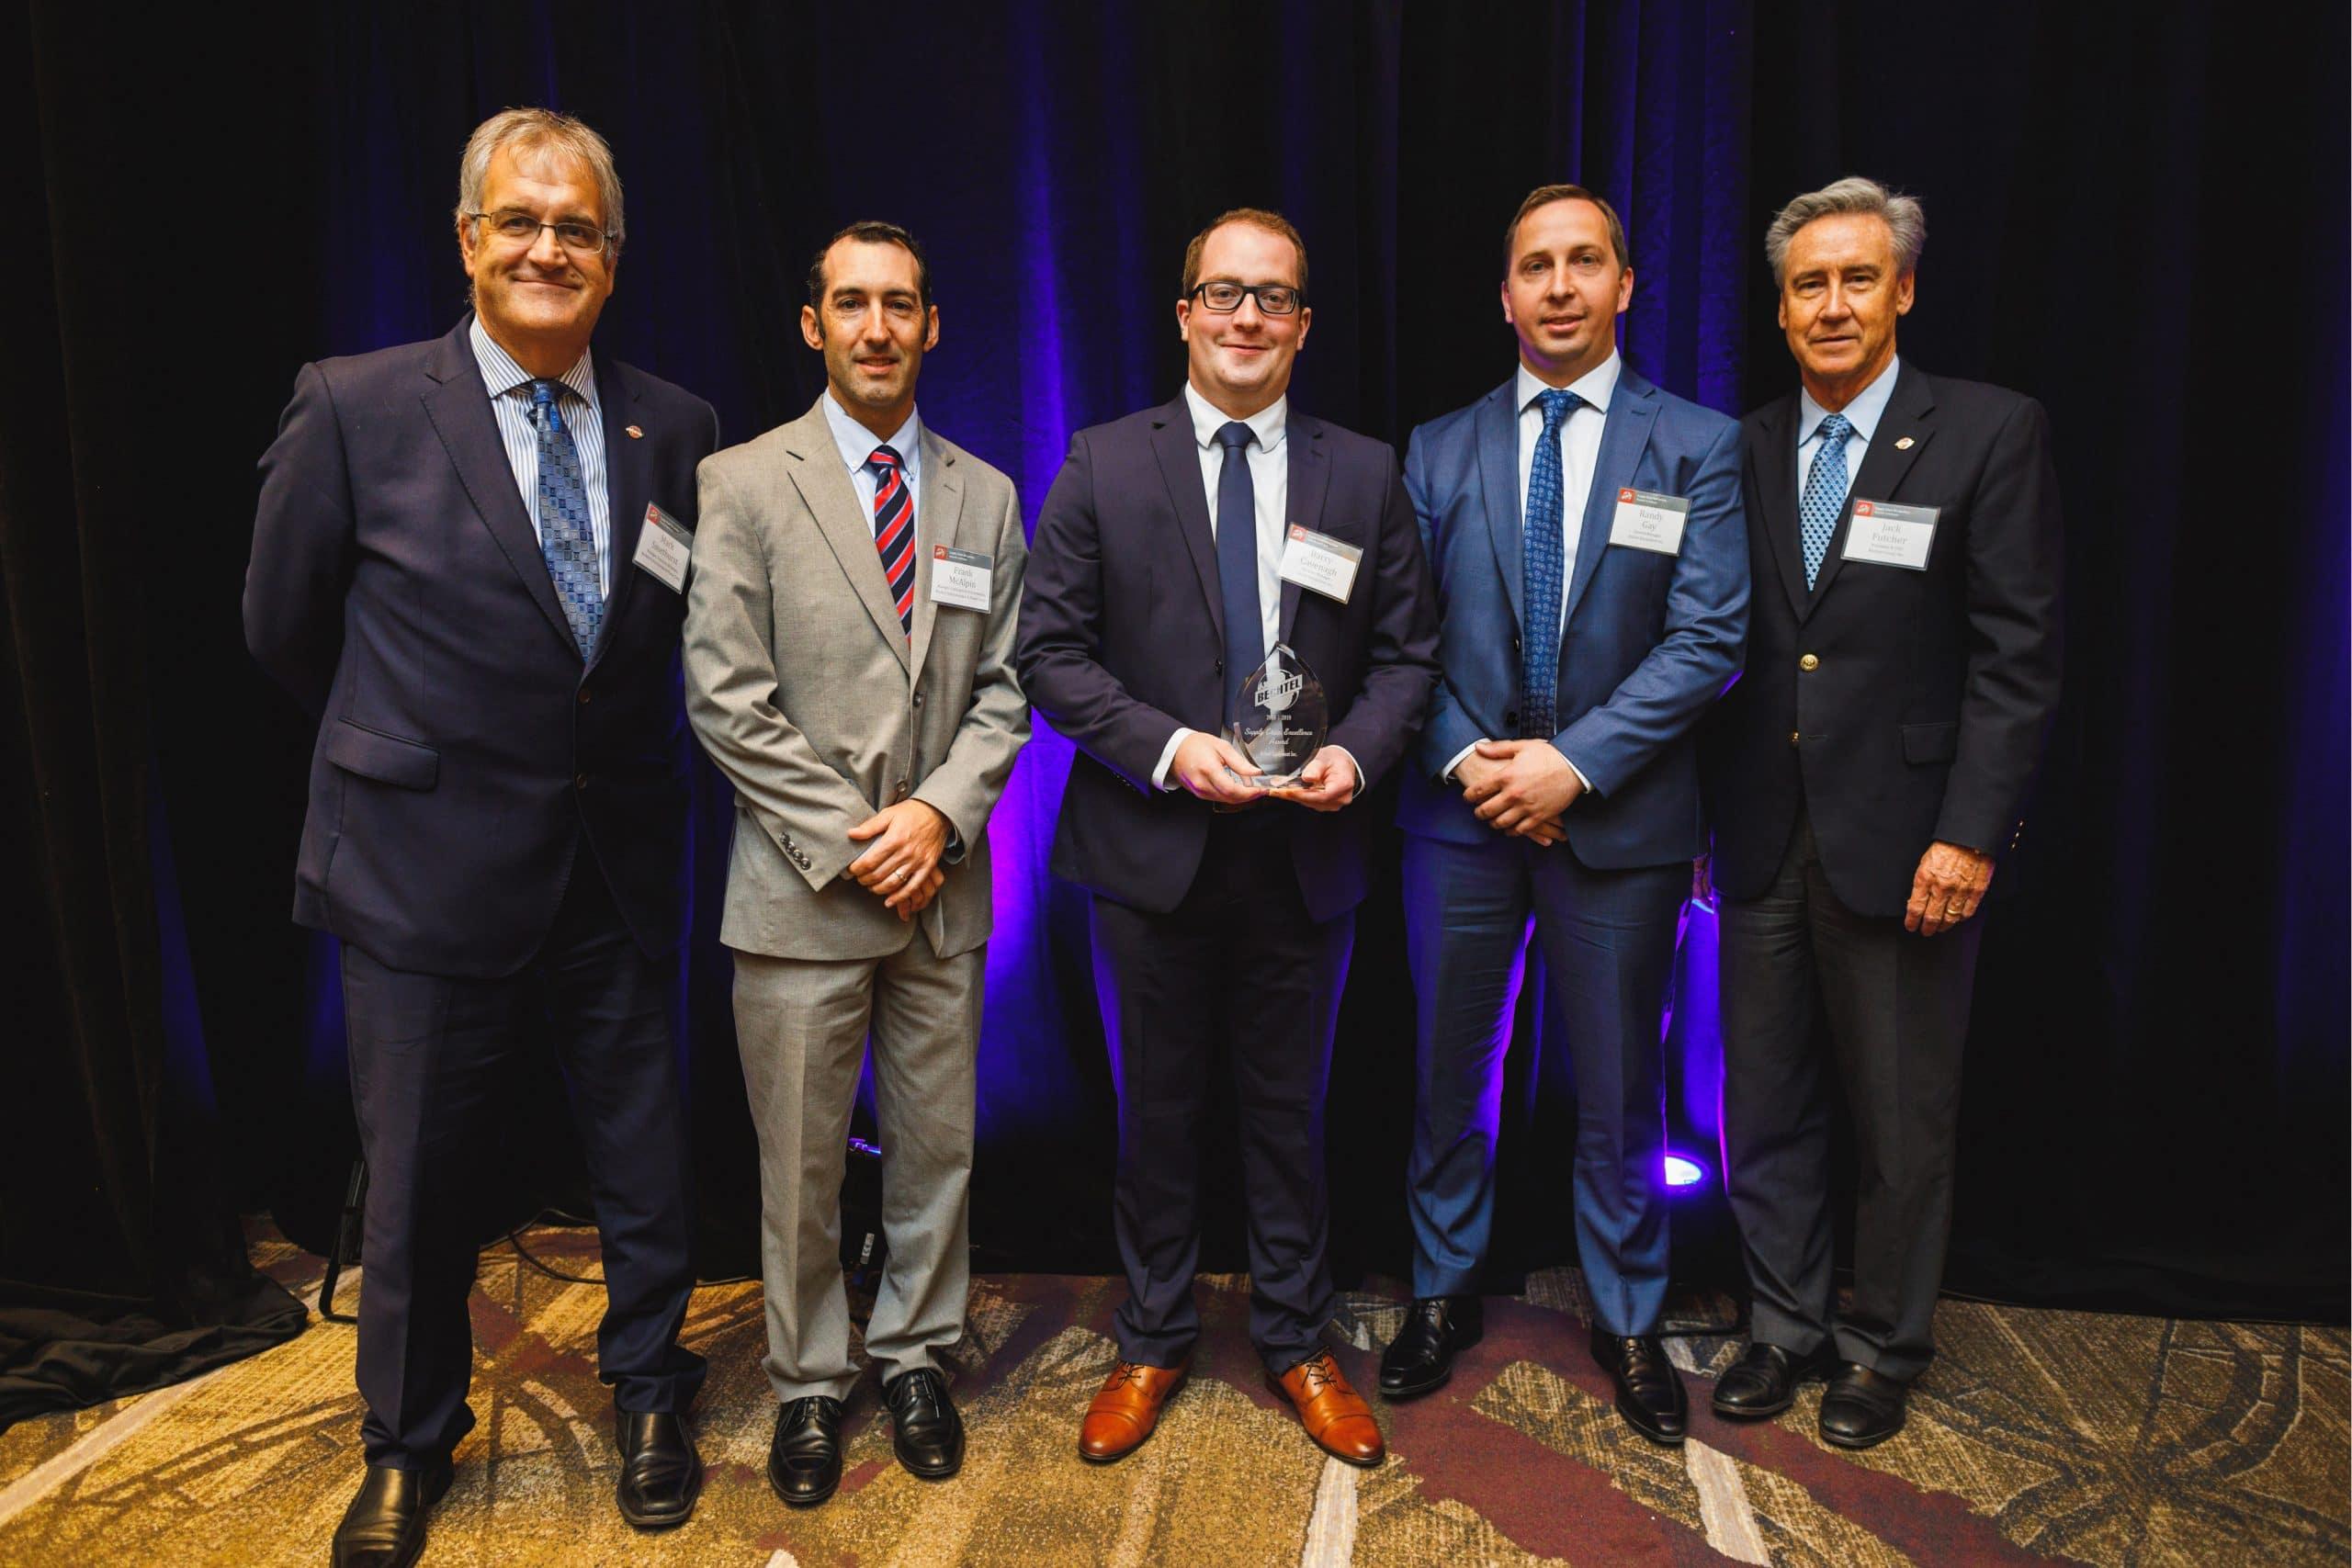 Axiom Equipment Group Accepts Bechtel Award